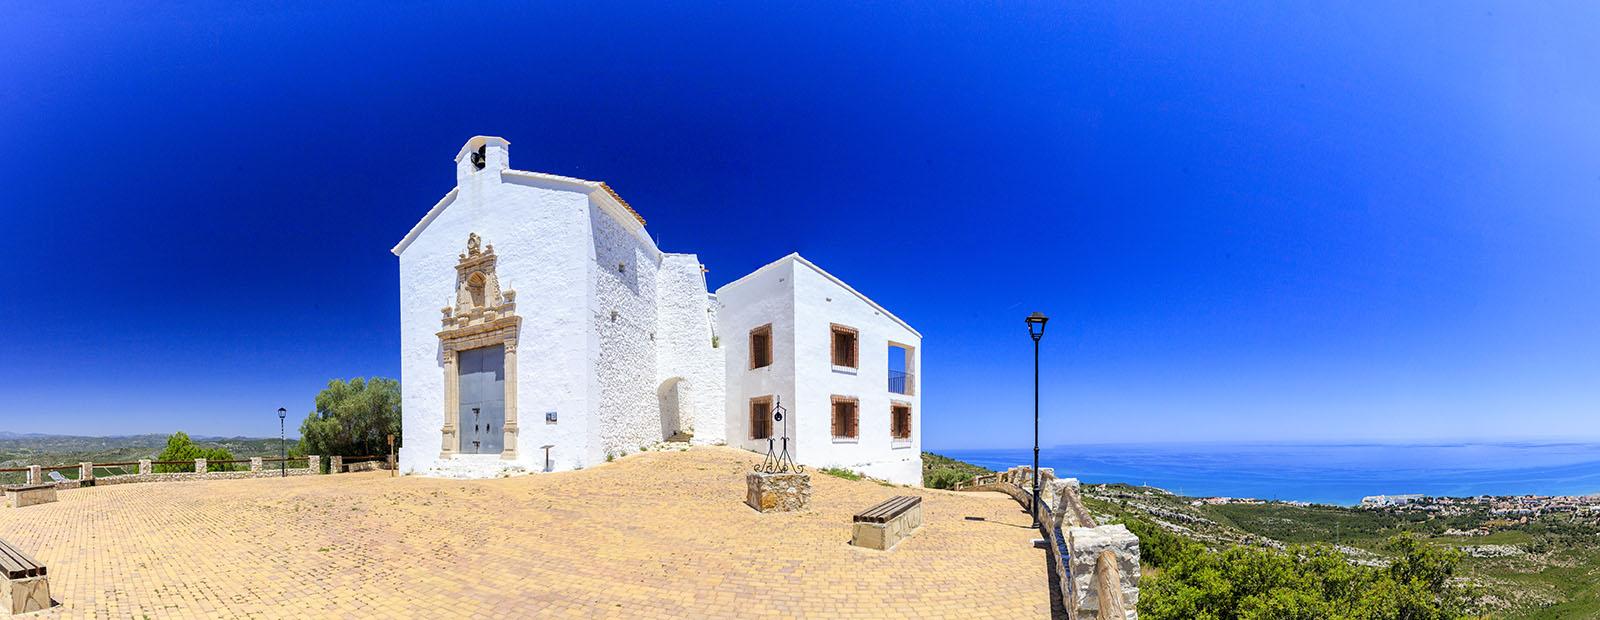 Ermita-Santa-Lucía-y-San-Benet-1600px